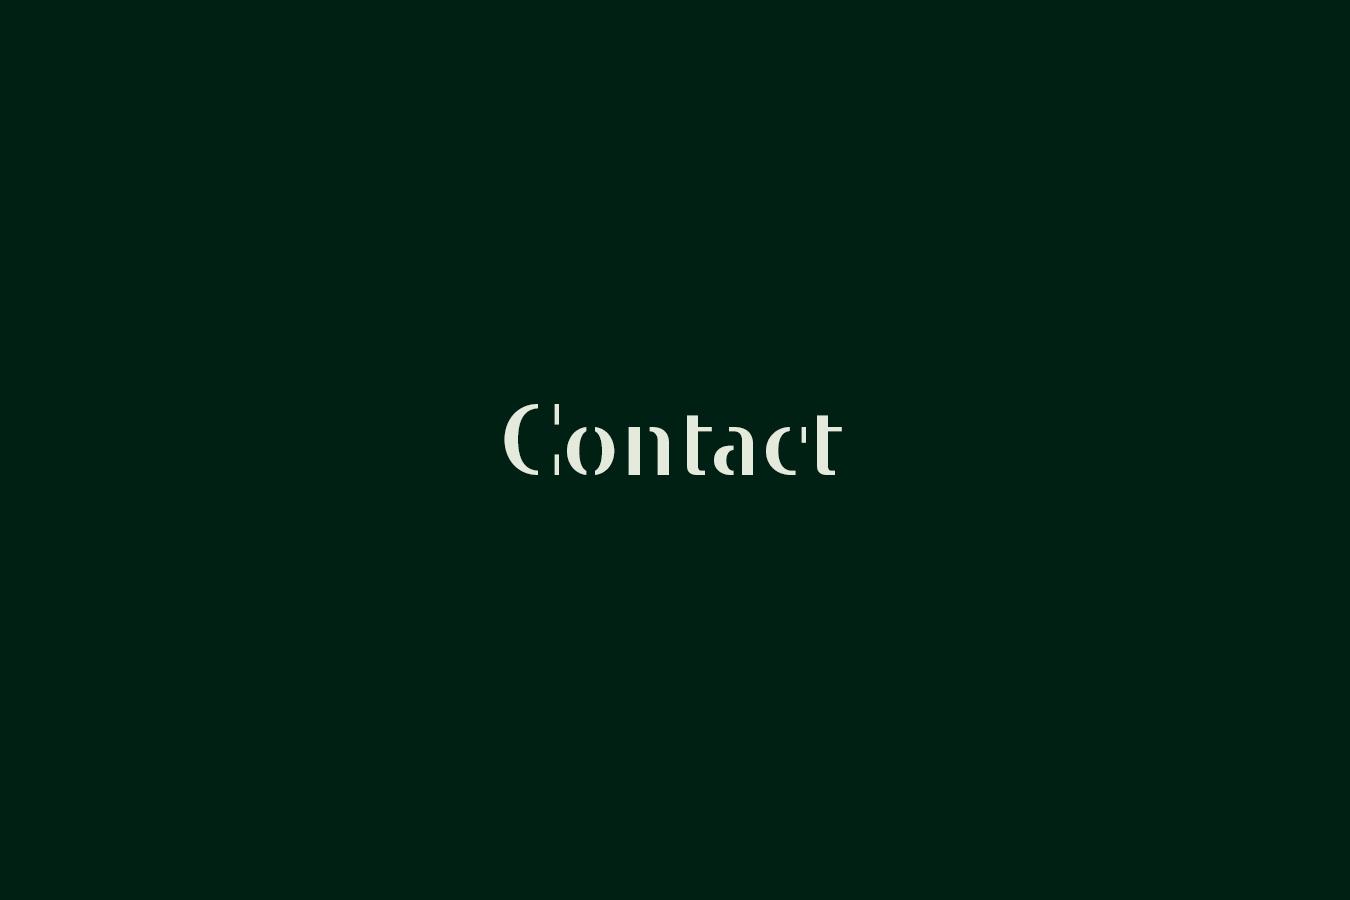 domaine-de-ronchinne-a-propos-infos-pratiques-contact-01.jpg